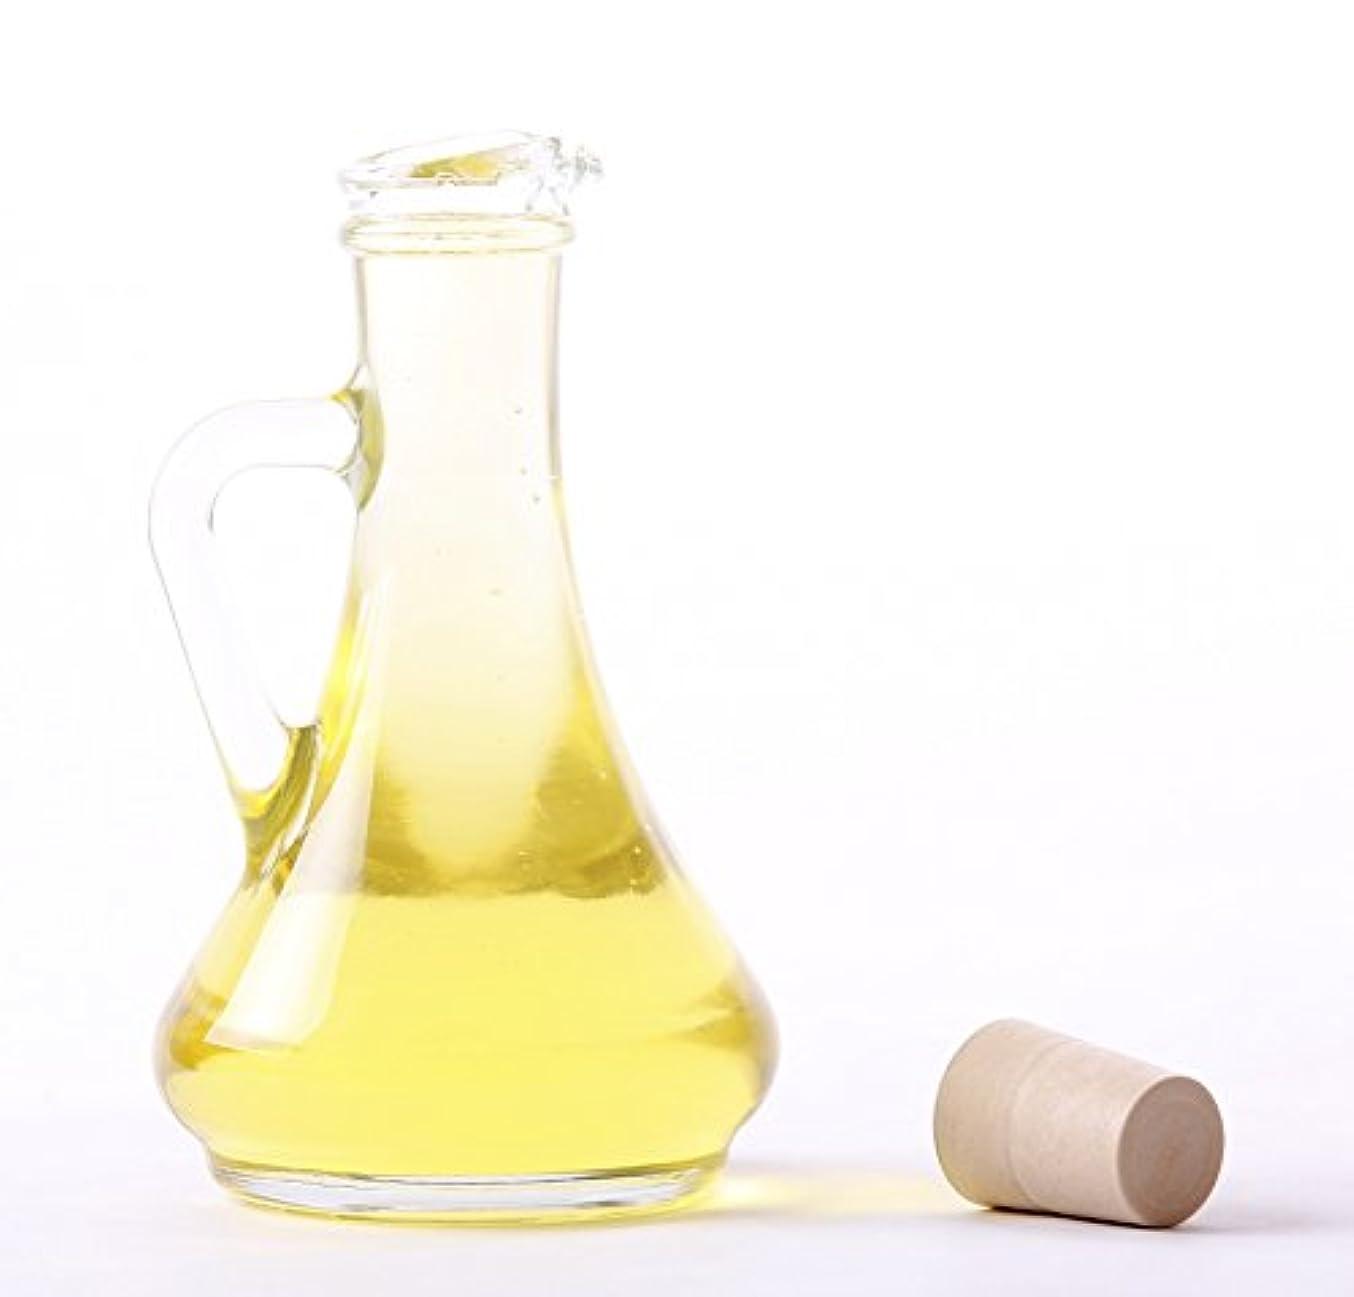 端末犬クラウドMystic Moments | Macadamia Organic Carrier Oil - 5 Litres - 100% Pure